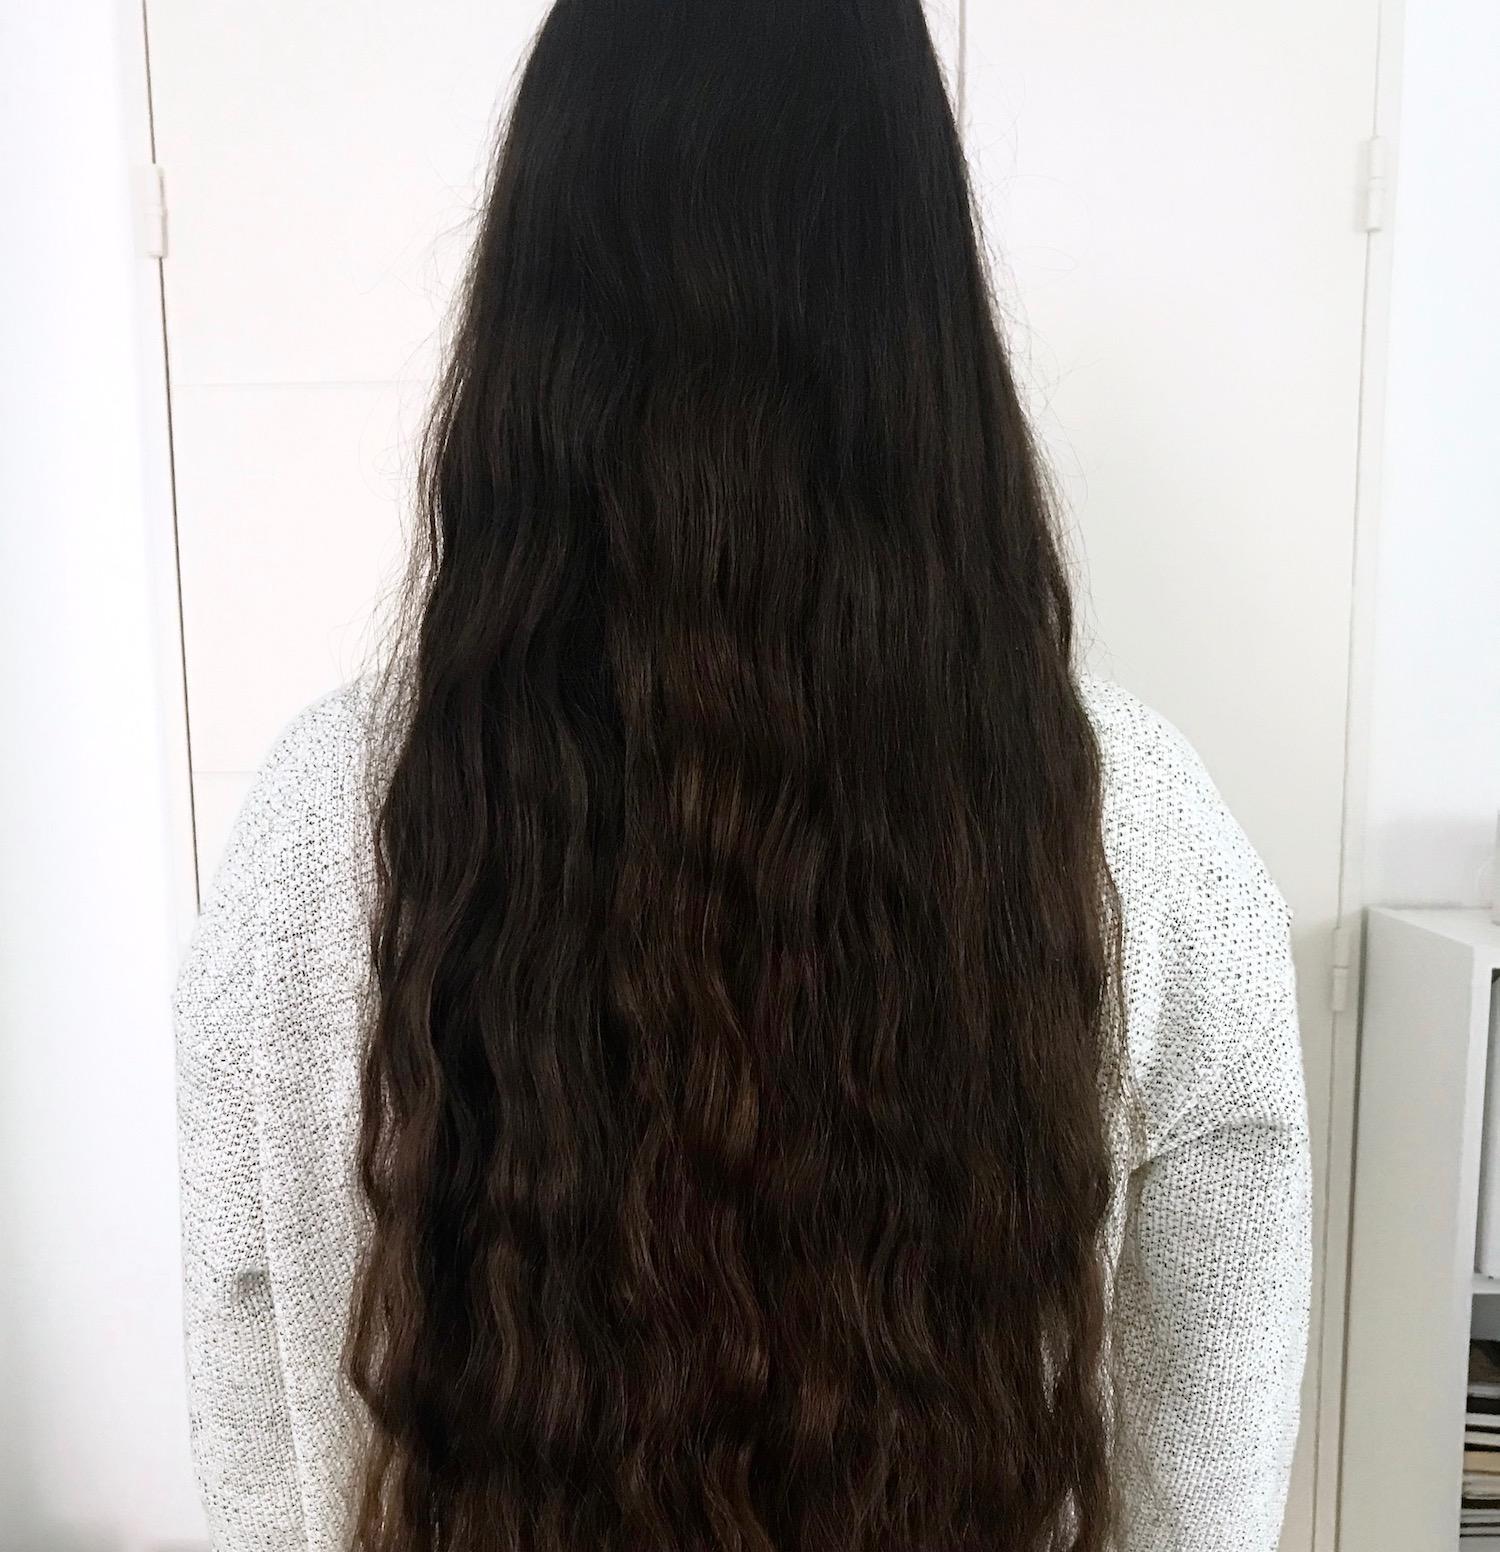 Conseils pour avoir des cheveux en pleine santé